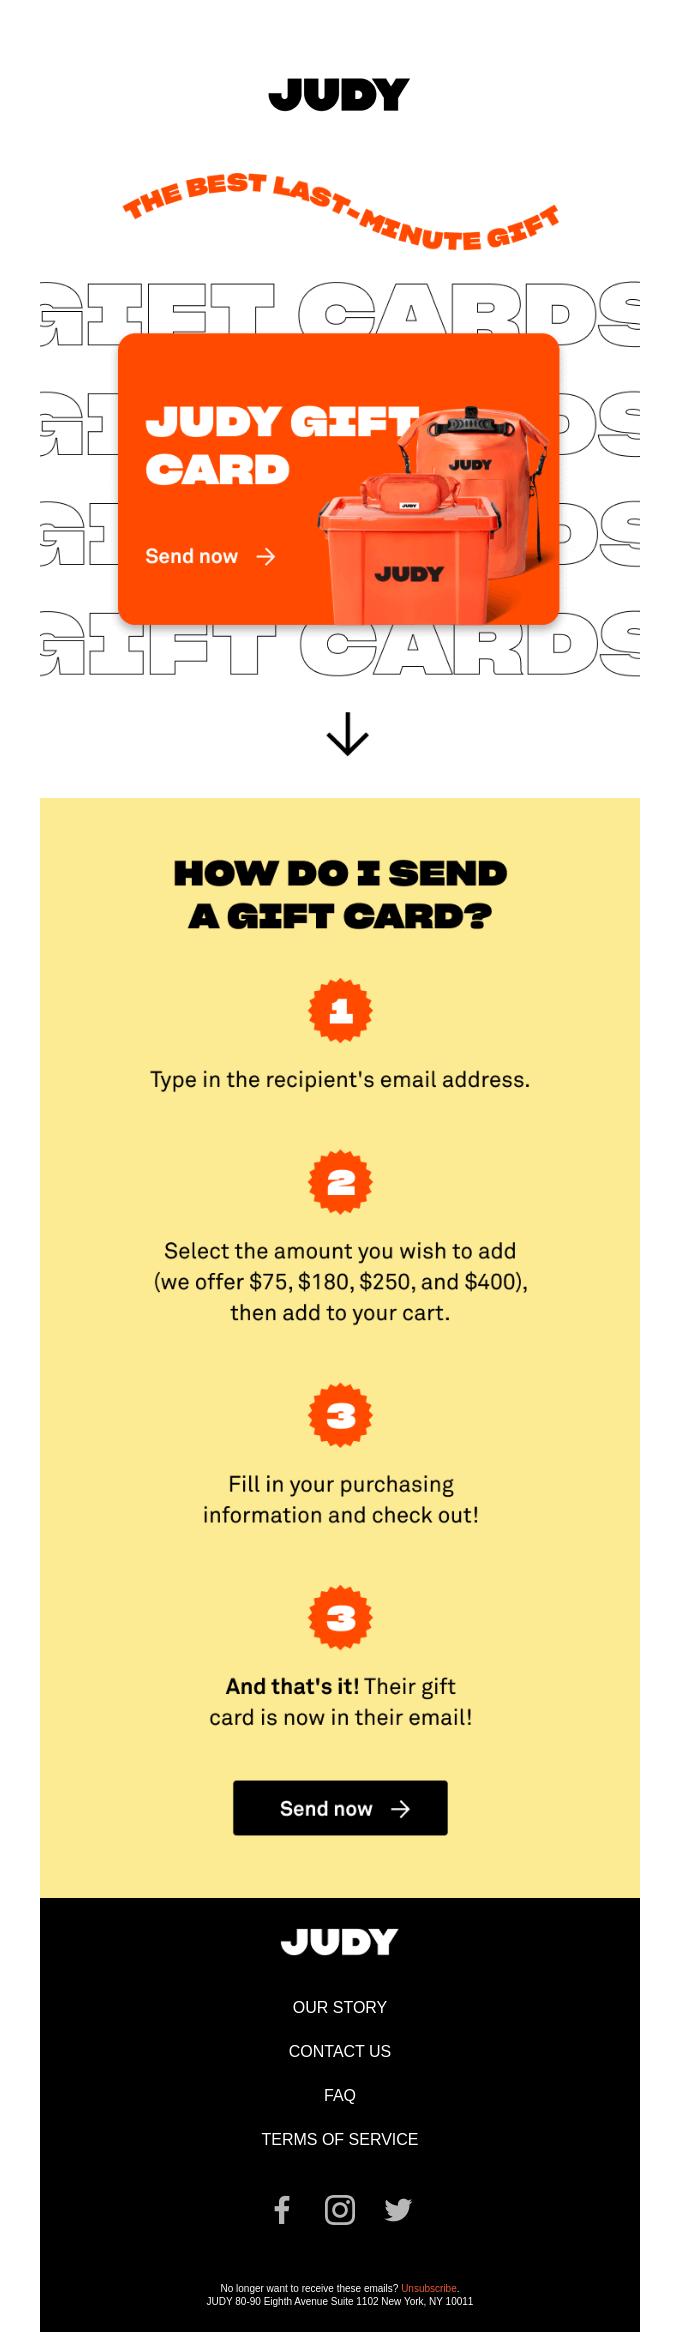 Buy, print, & give